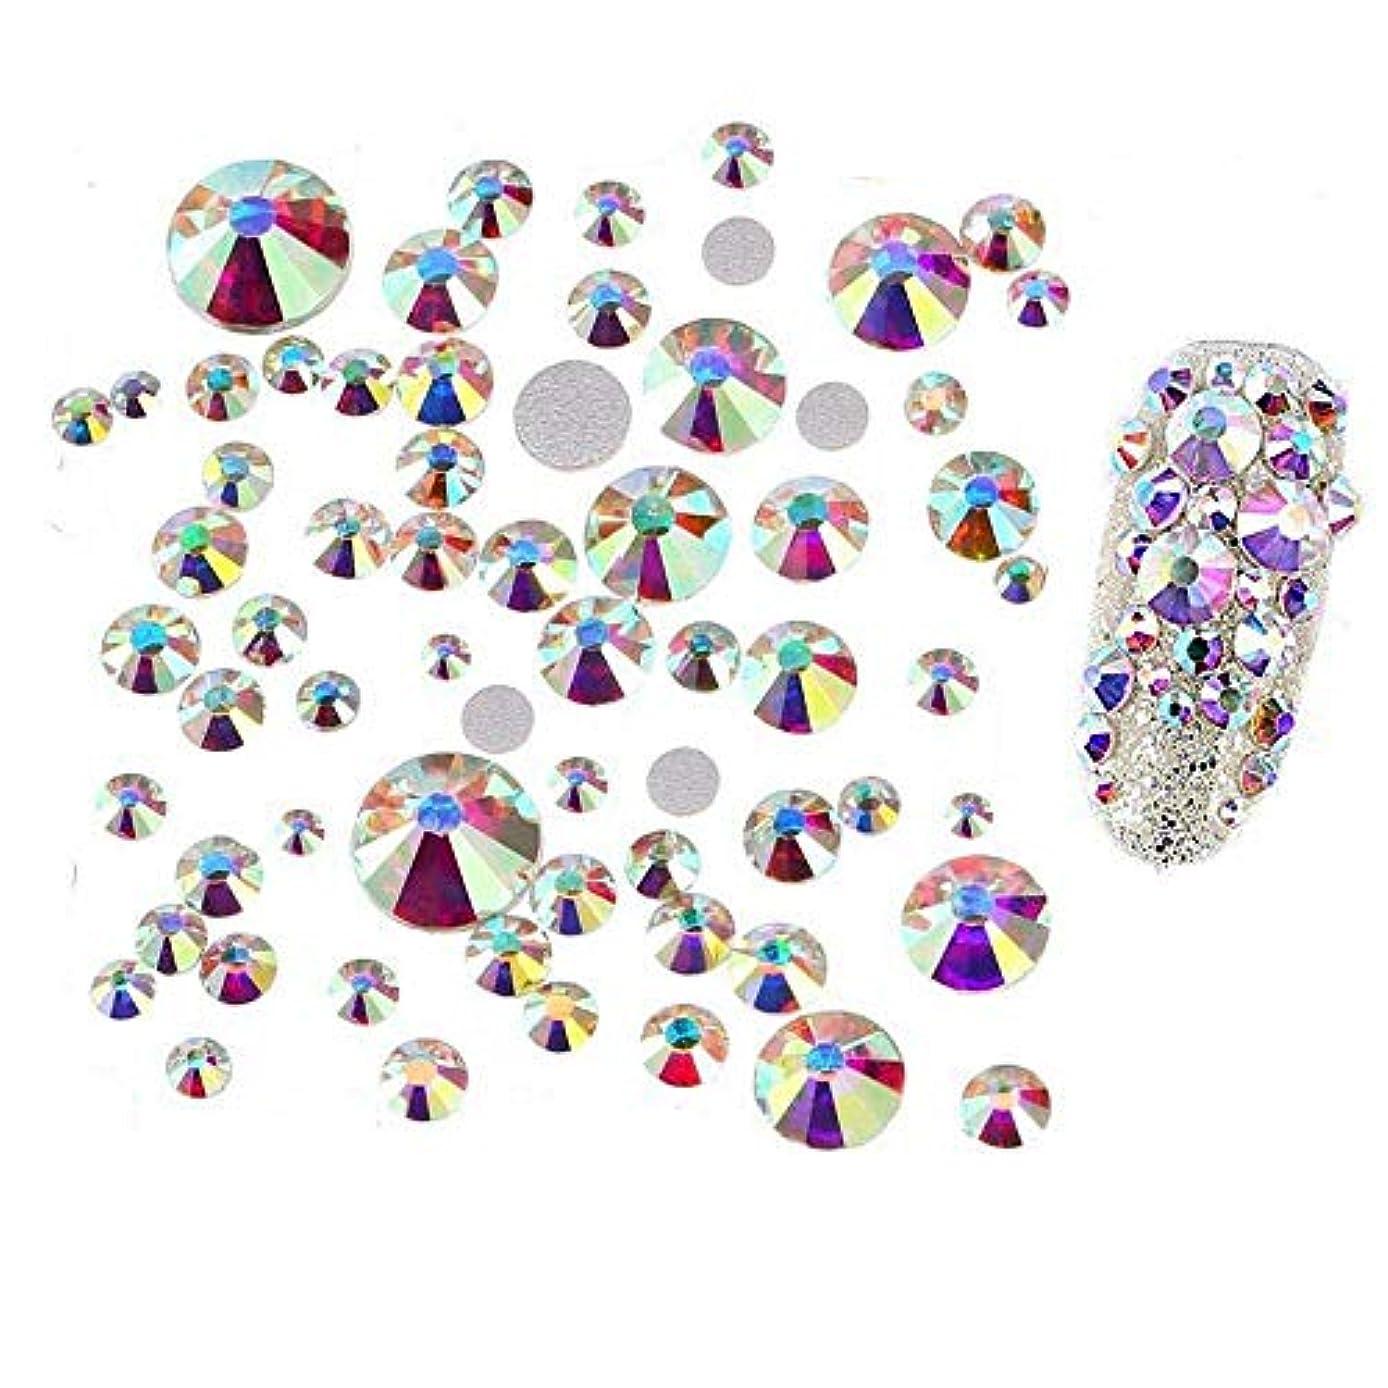 どうやって監査仮称高品質 ガラスストーン オーロラ クリスタル,ラインストーン ネイル デコ ガラスストーン クリスタル ジェルネイル ネイルパーツ (約200粒)